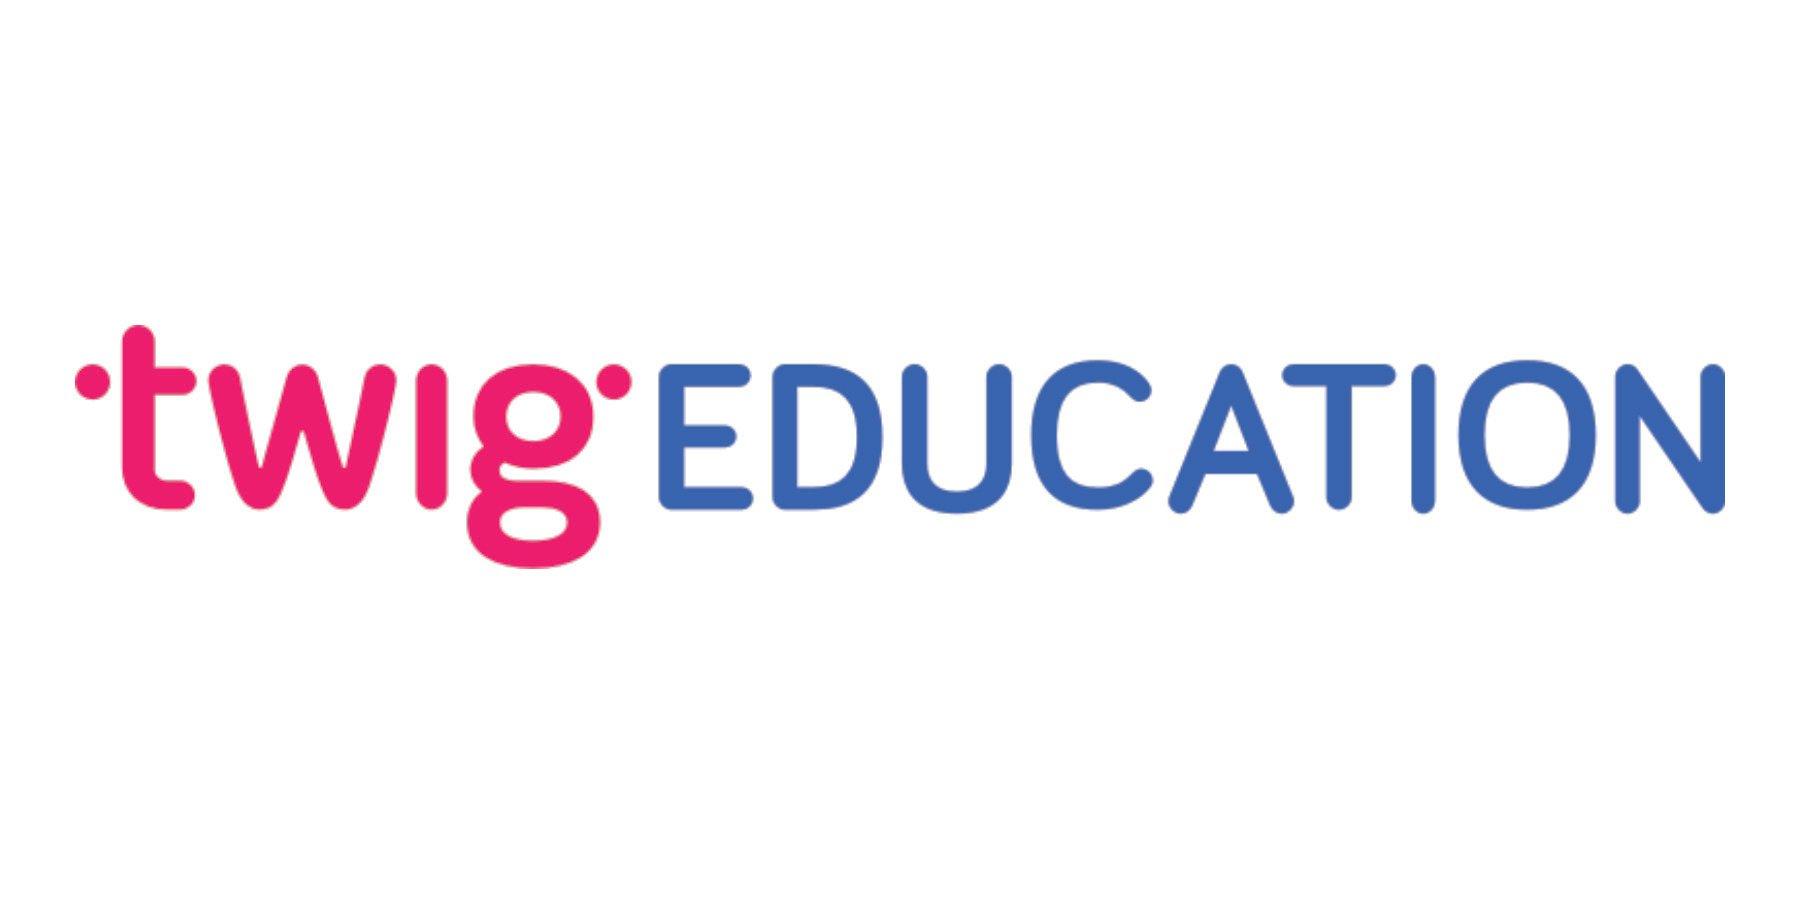 Twig Education-1